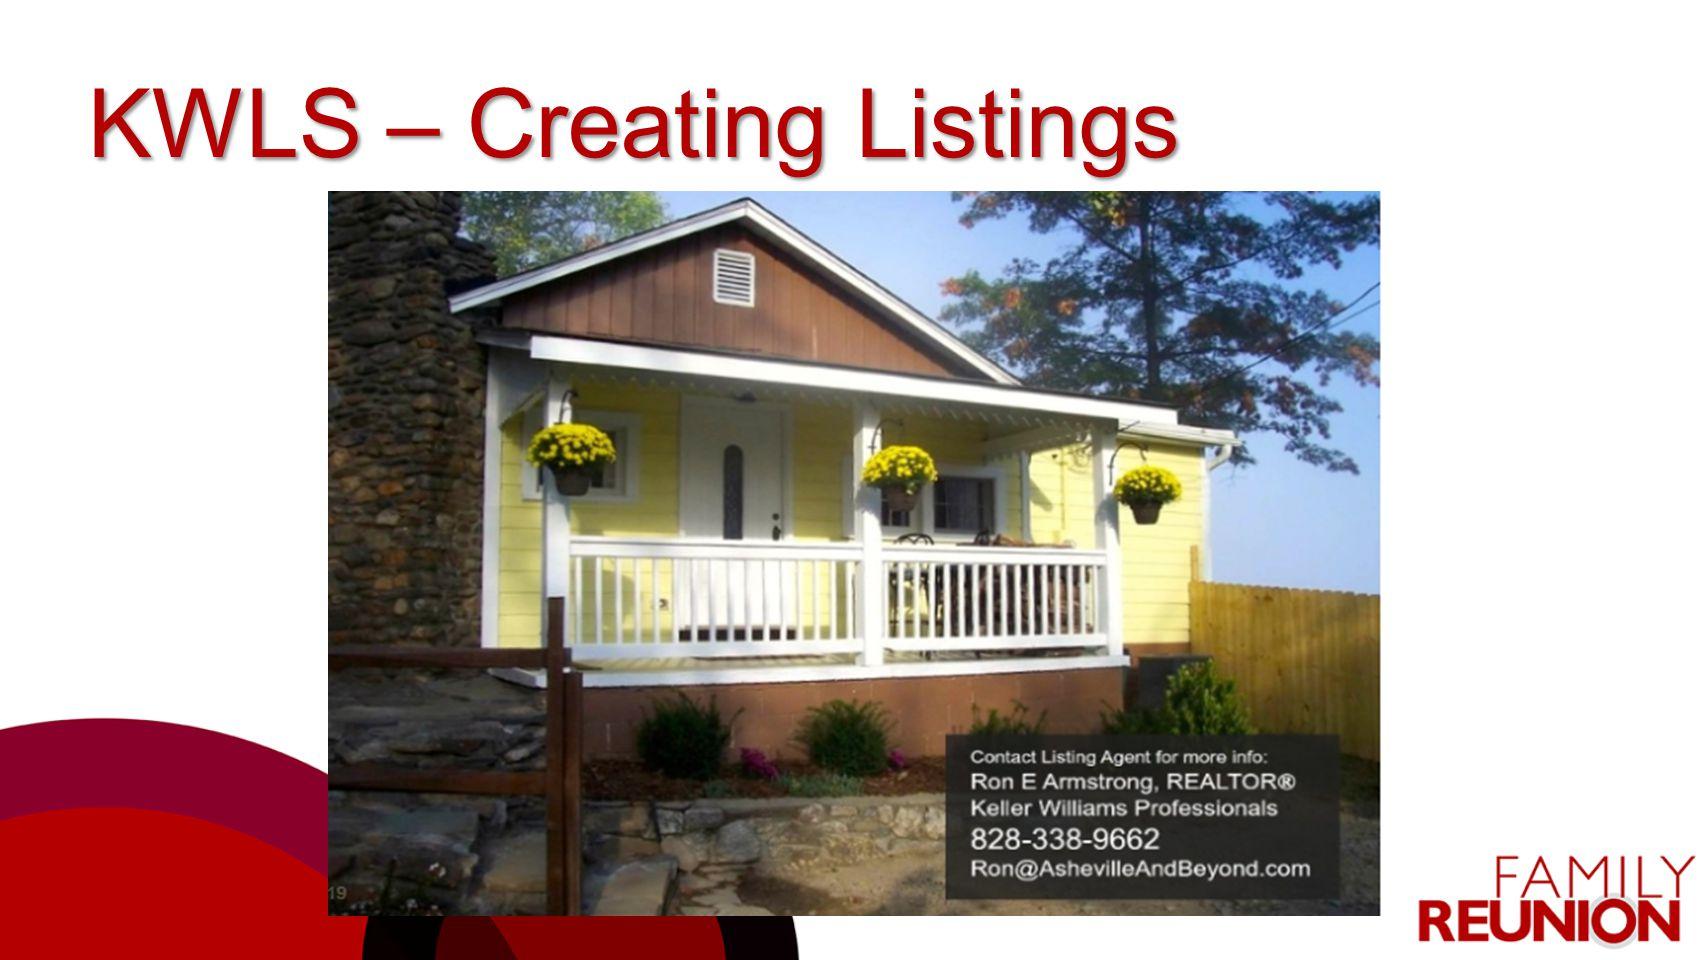 KWLS – Creating Listings